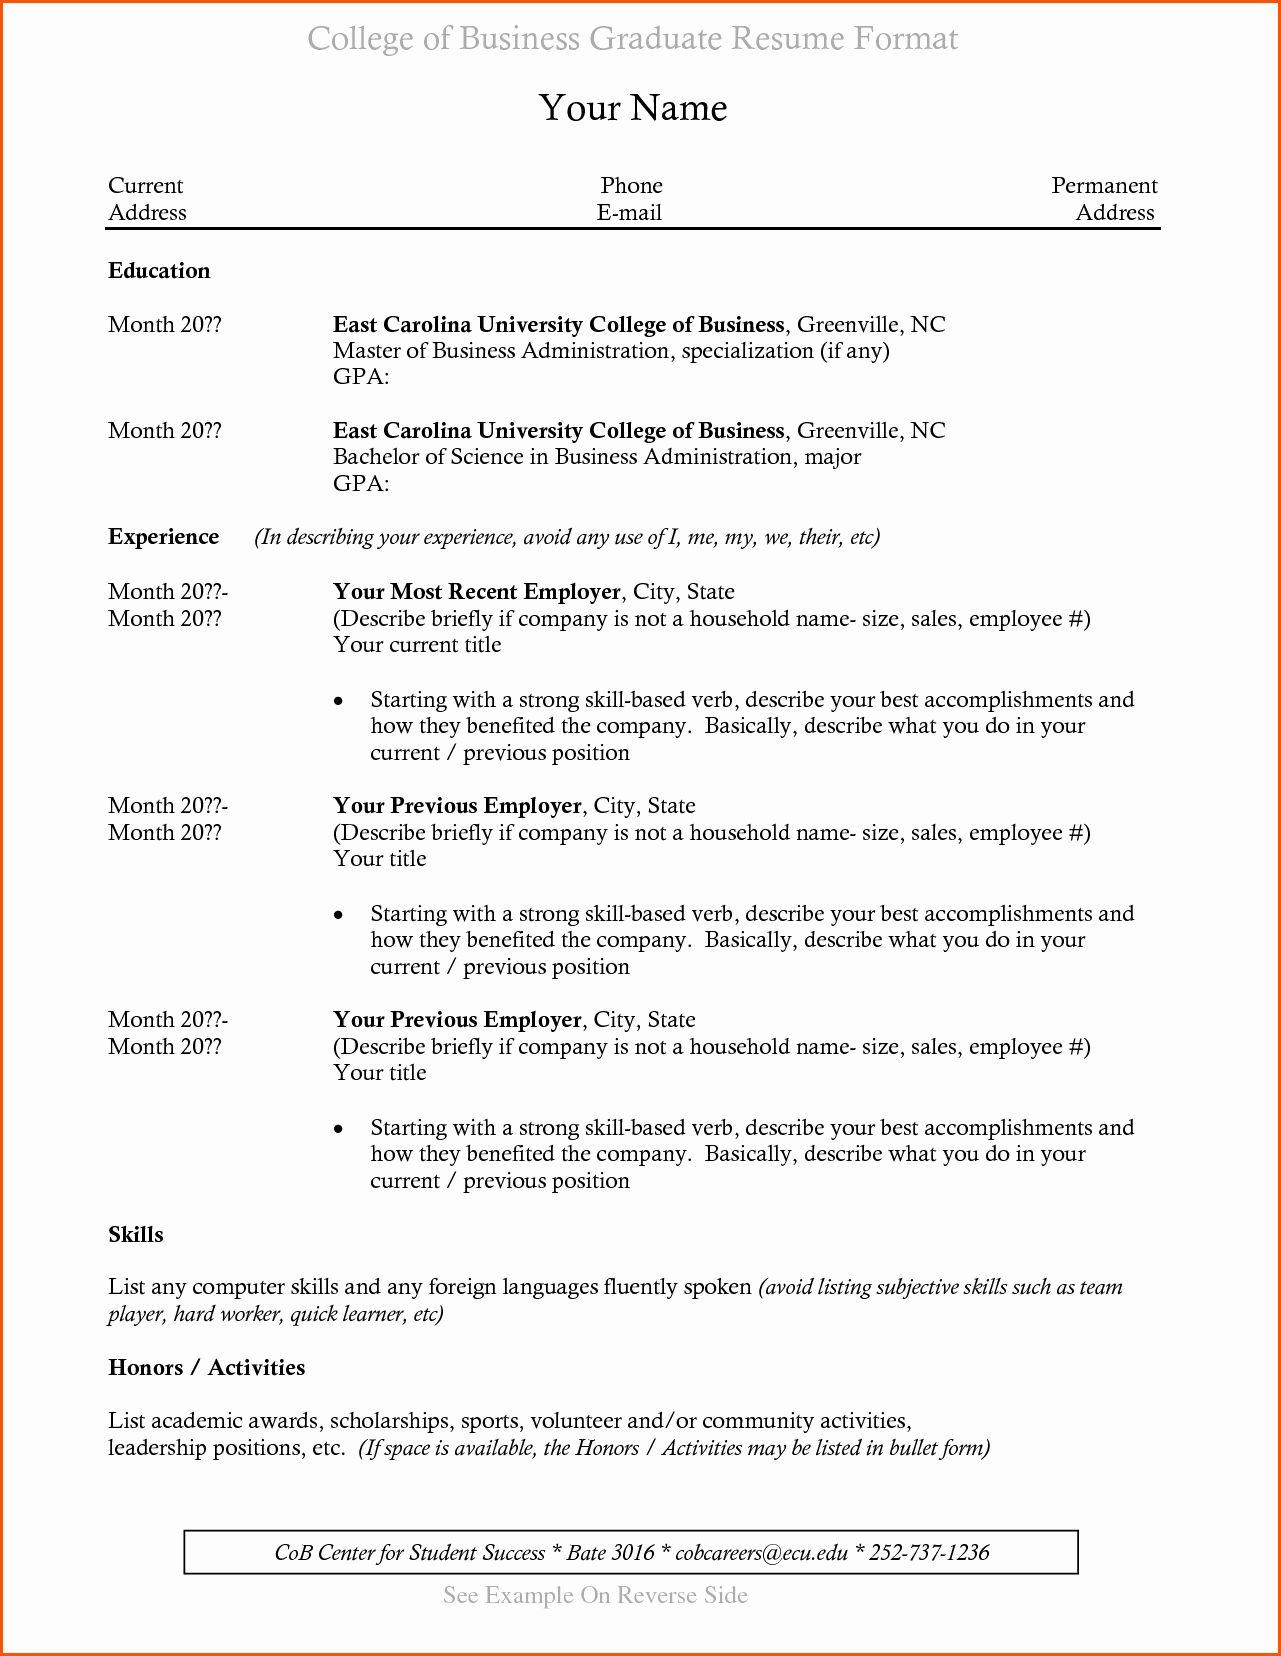 Recent Graduate Resume Template Elegant Resume for Recent